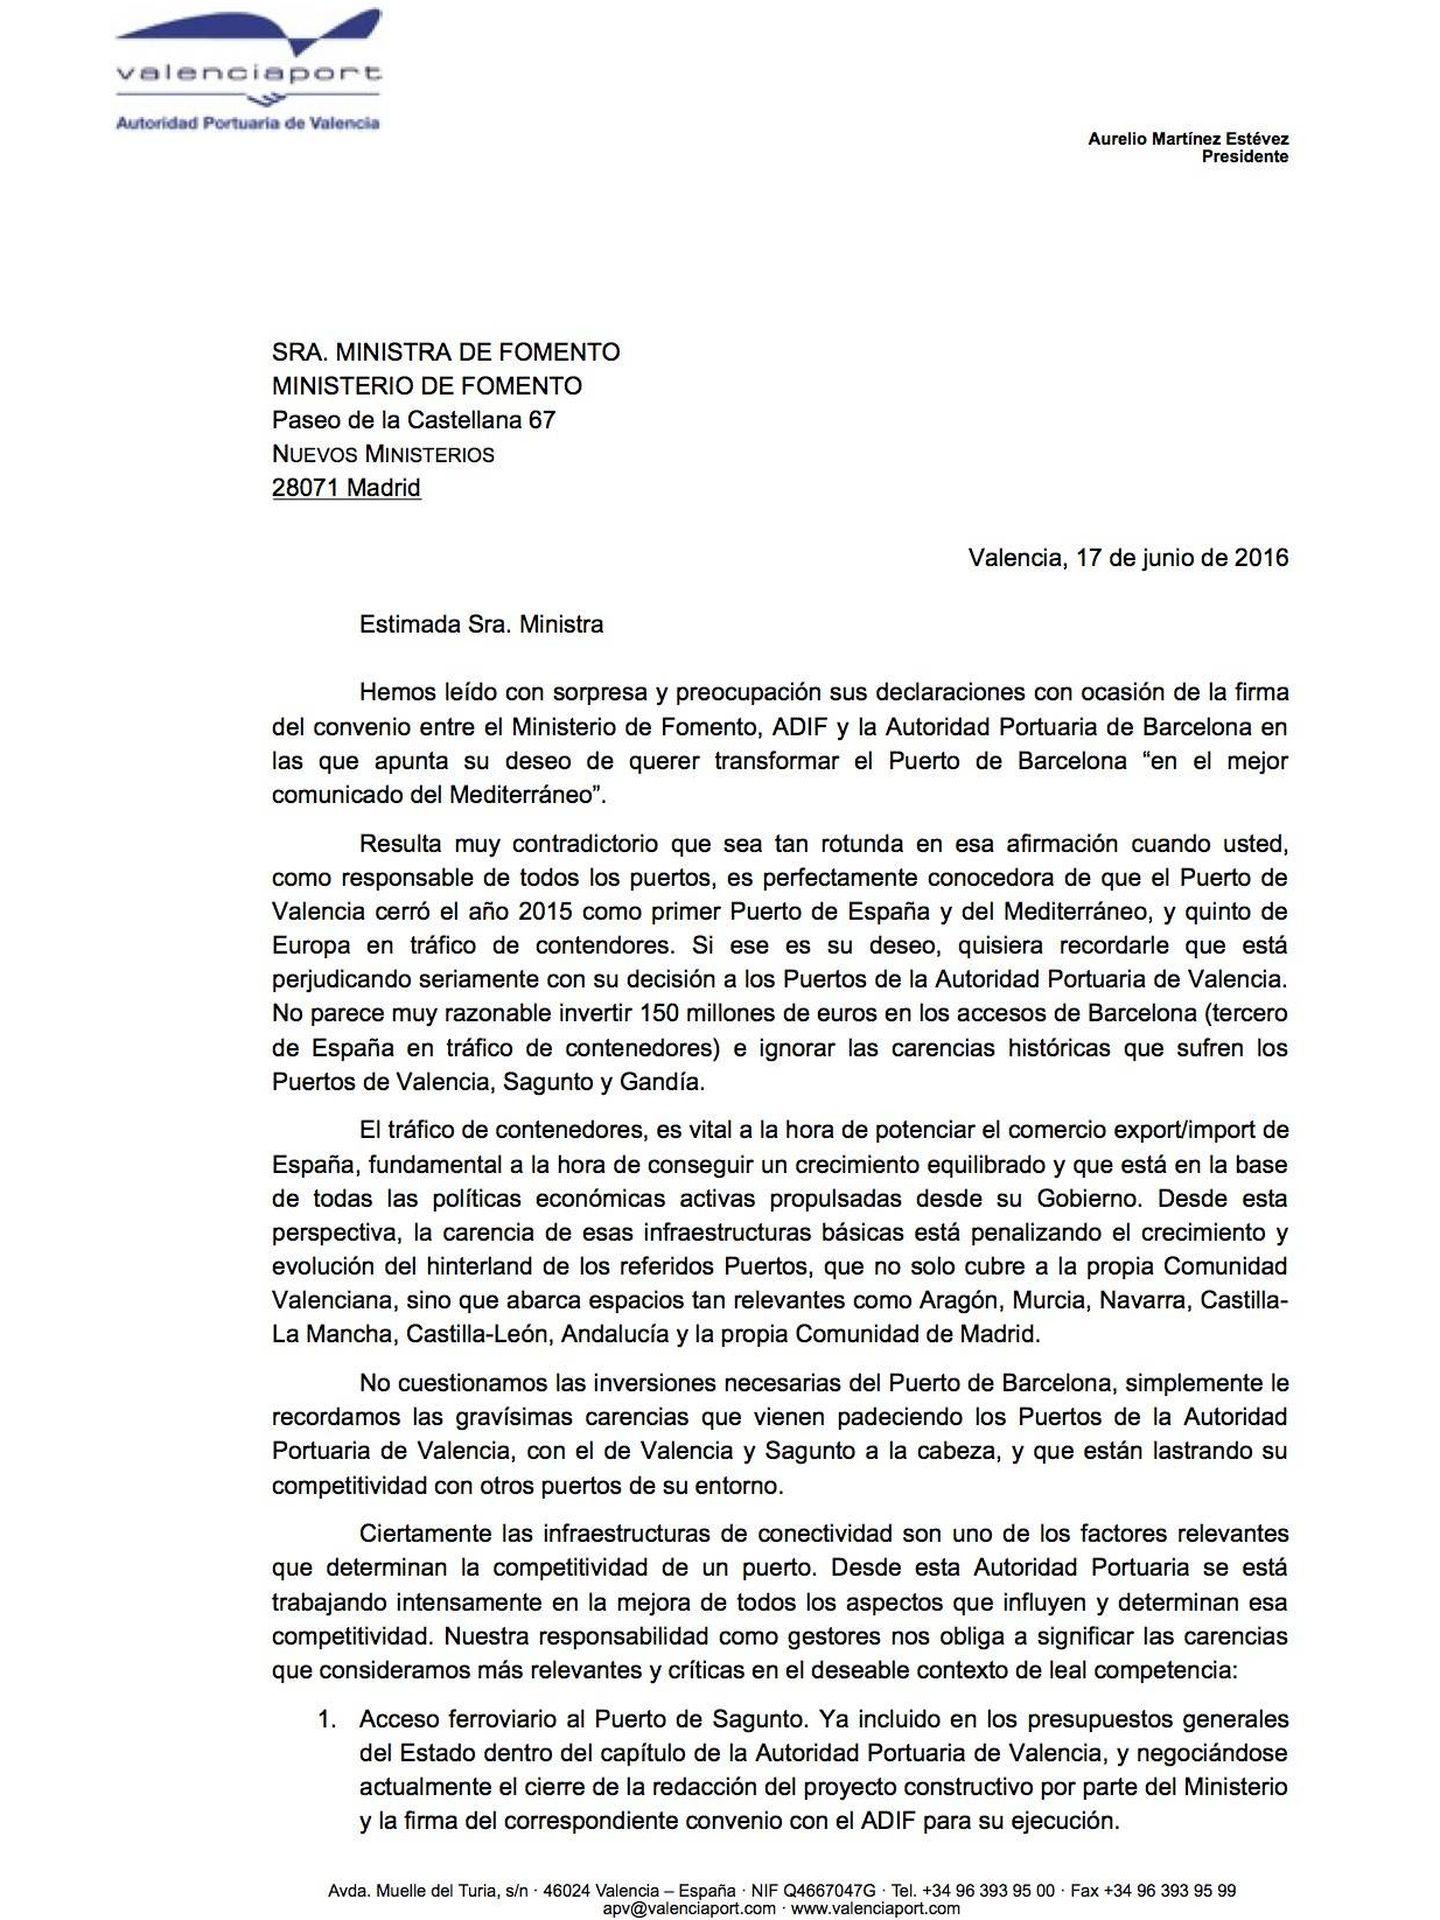 Pincha para leer la carta de Aurelio Martínez, presidente del Puerto de Valencia, a la ministra Ana Pastor.